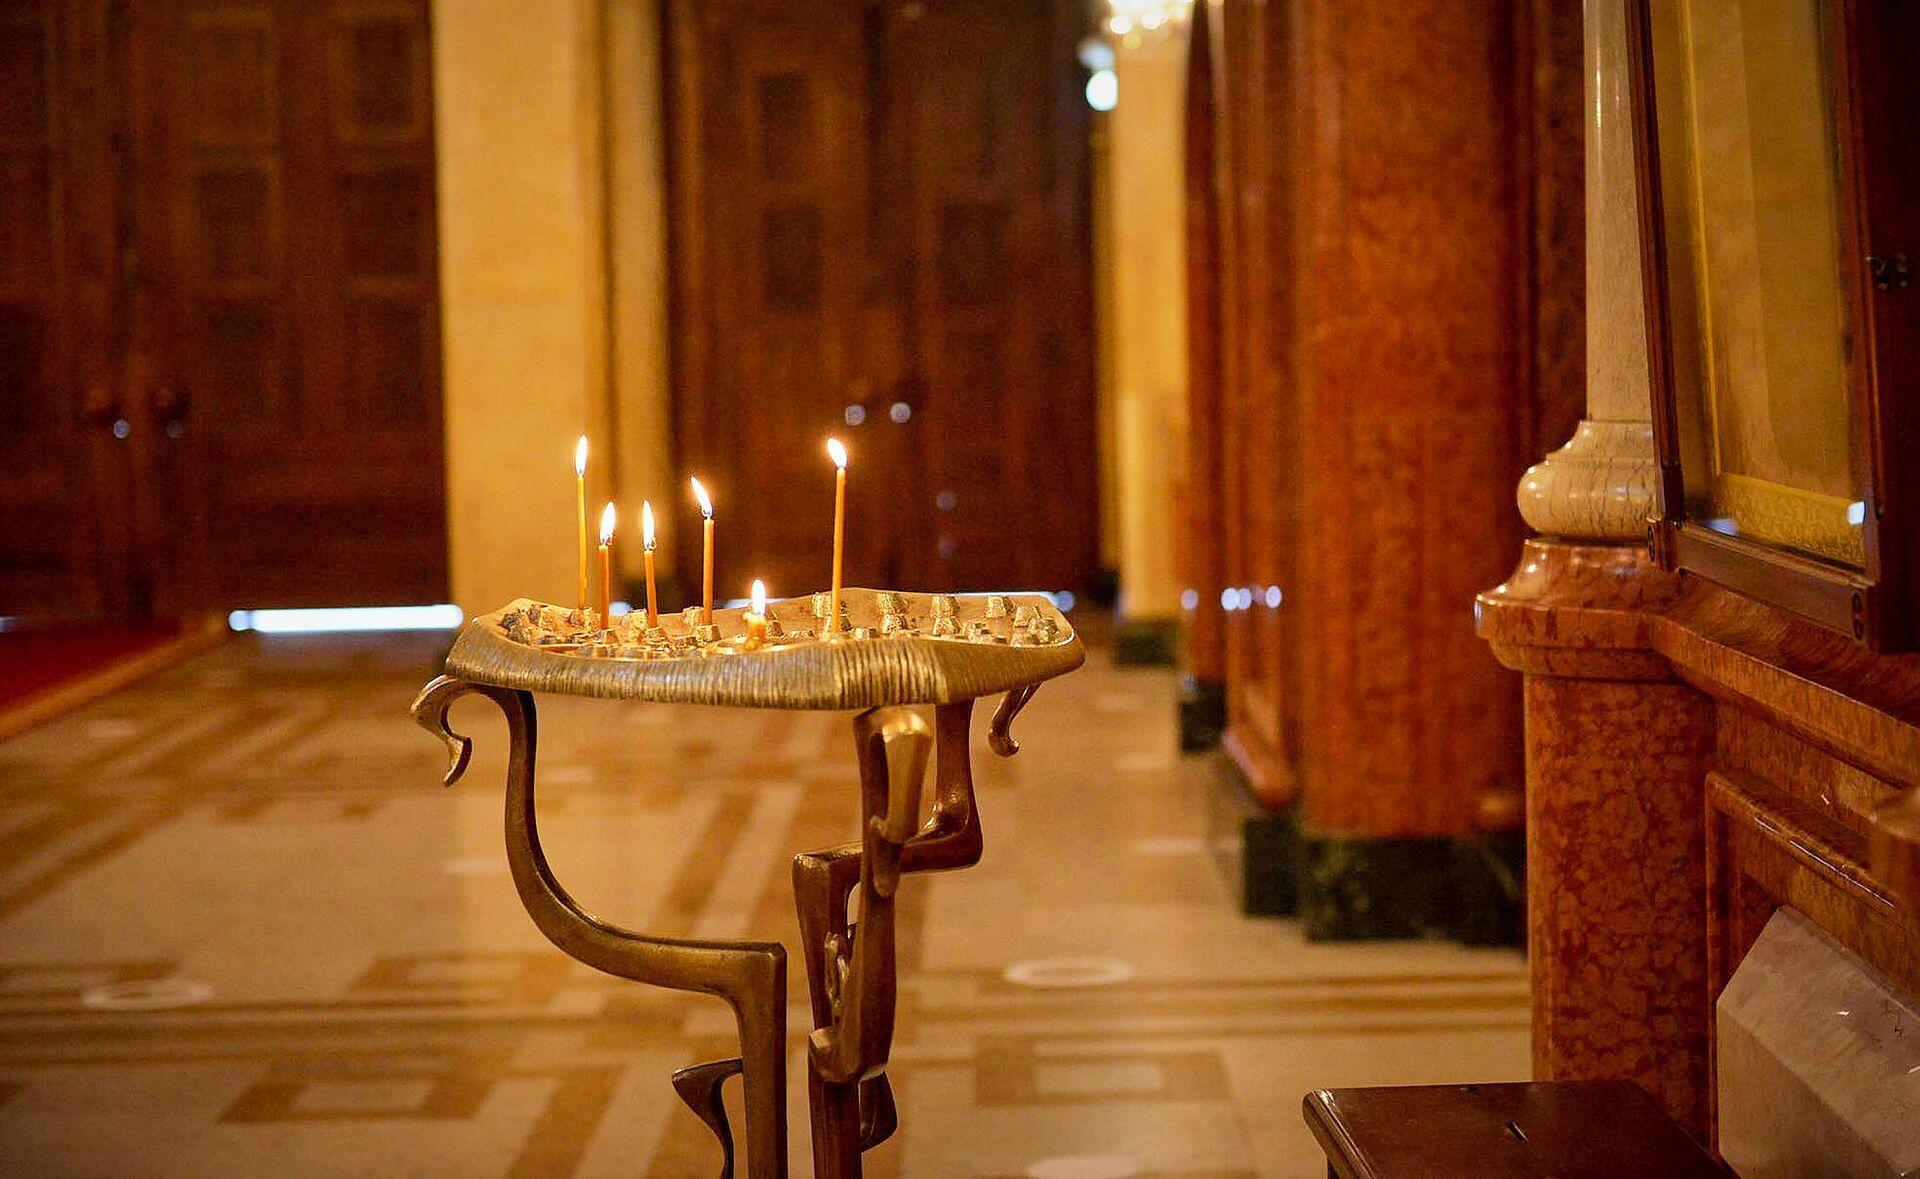 Горящие свечи в храме. Кафедральный собор Святой Троицы Самеба во время карантина - Sputnik Грузия, 1920, 23.09.2021